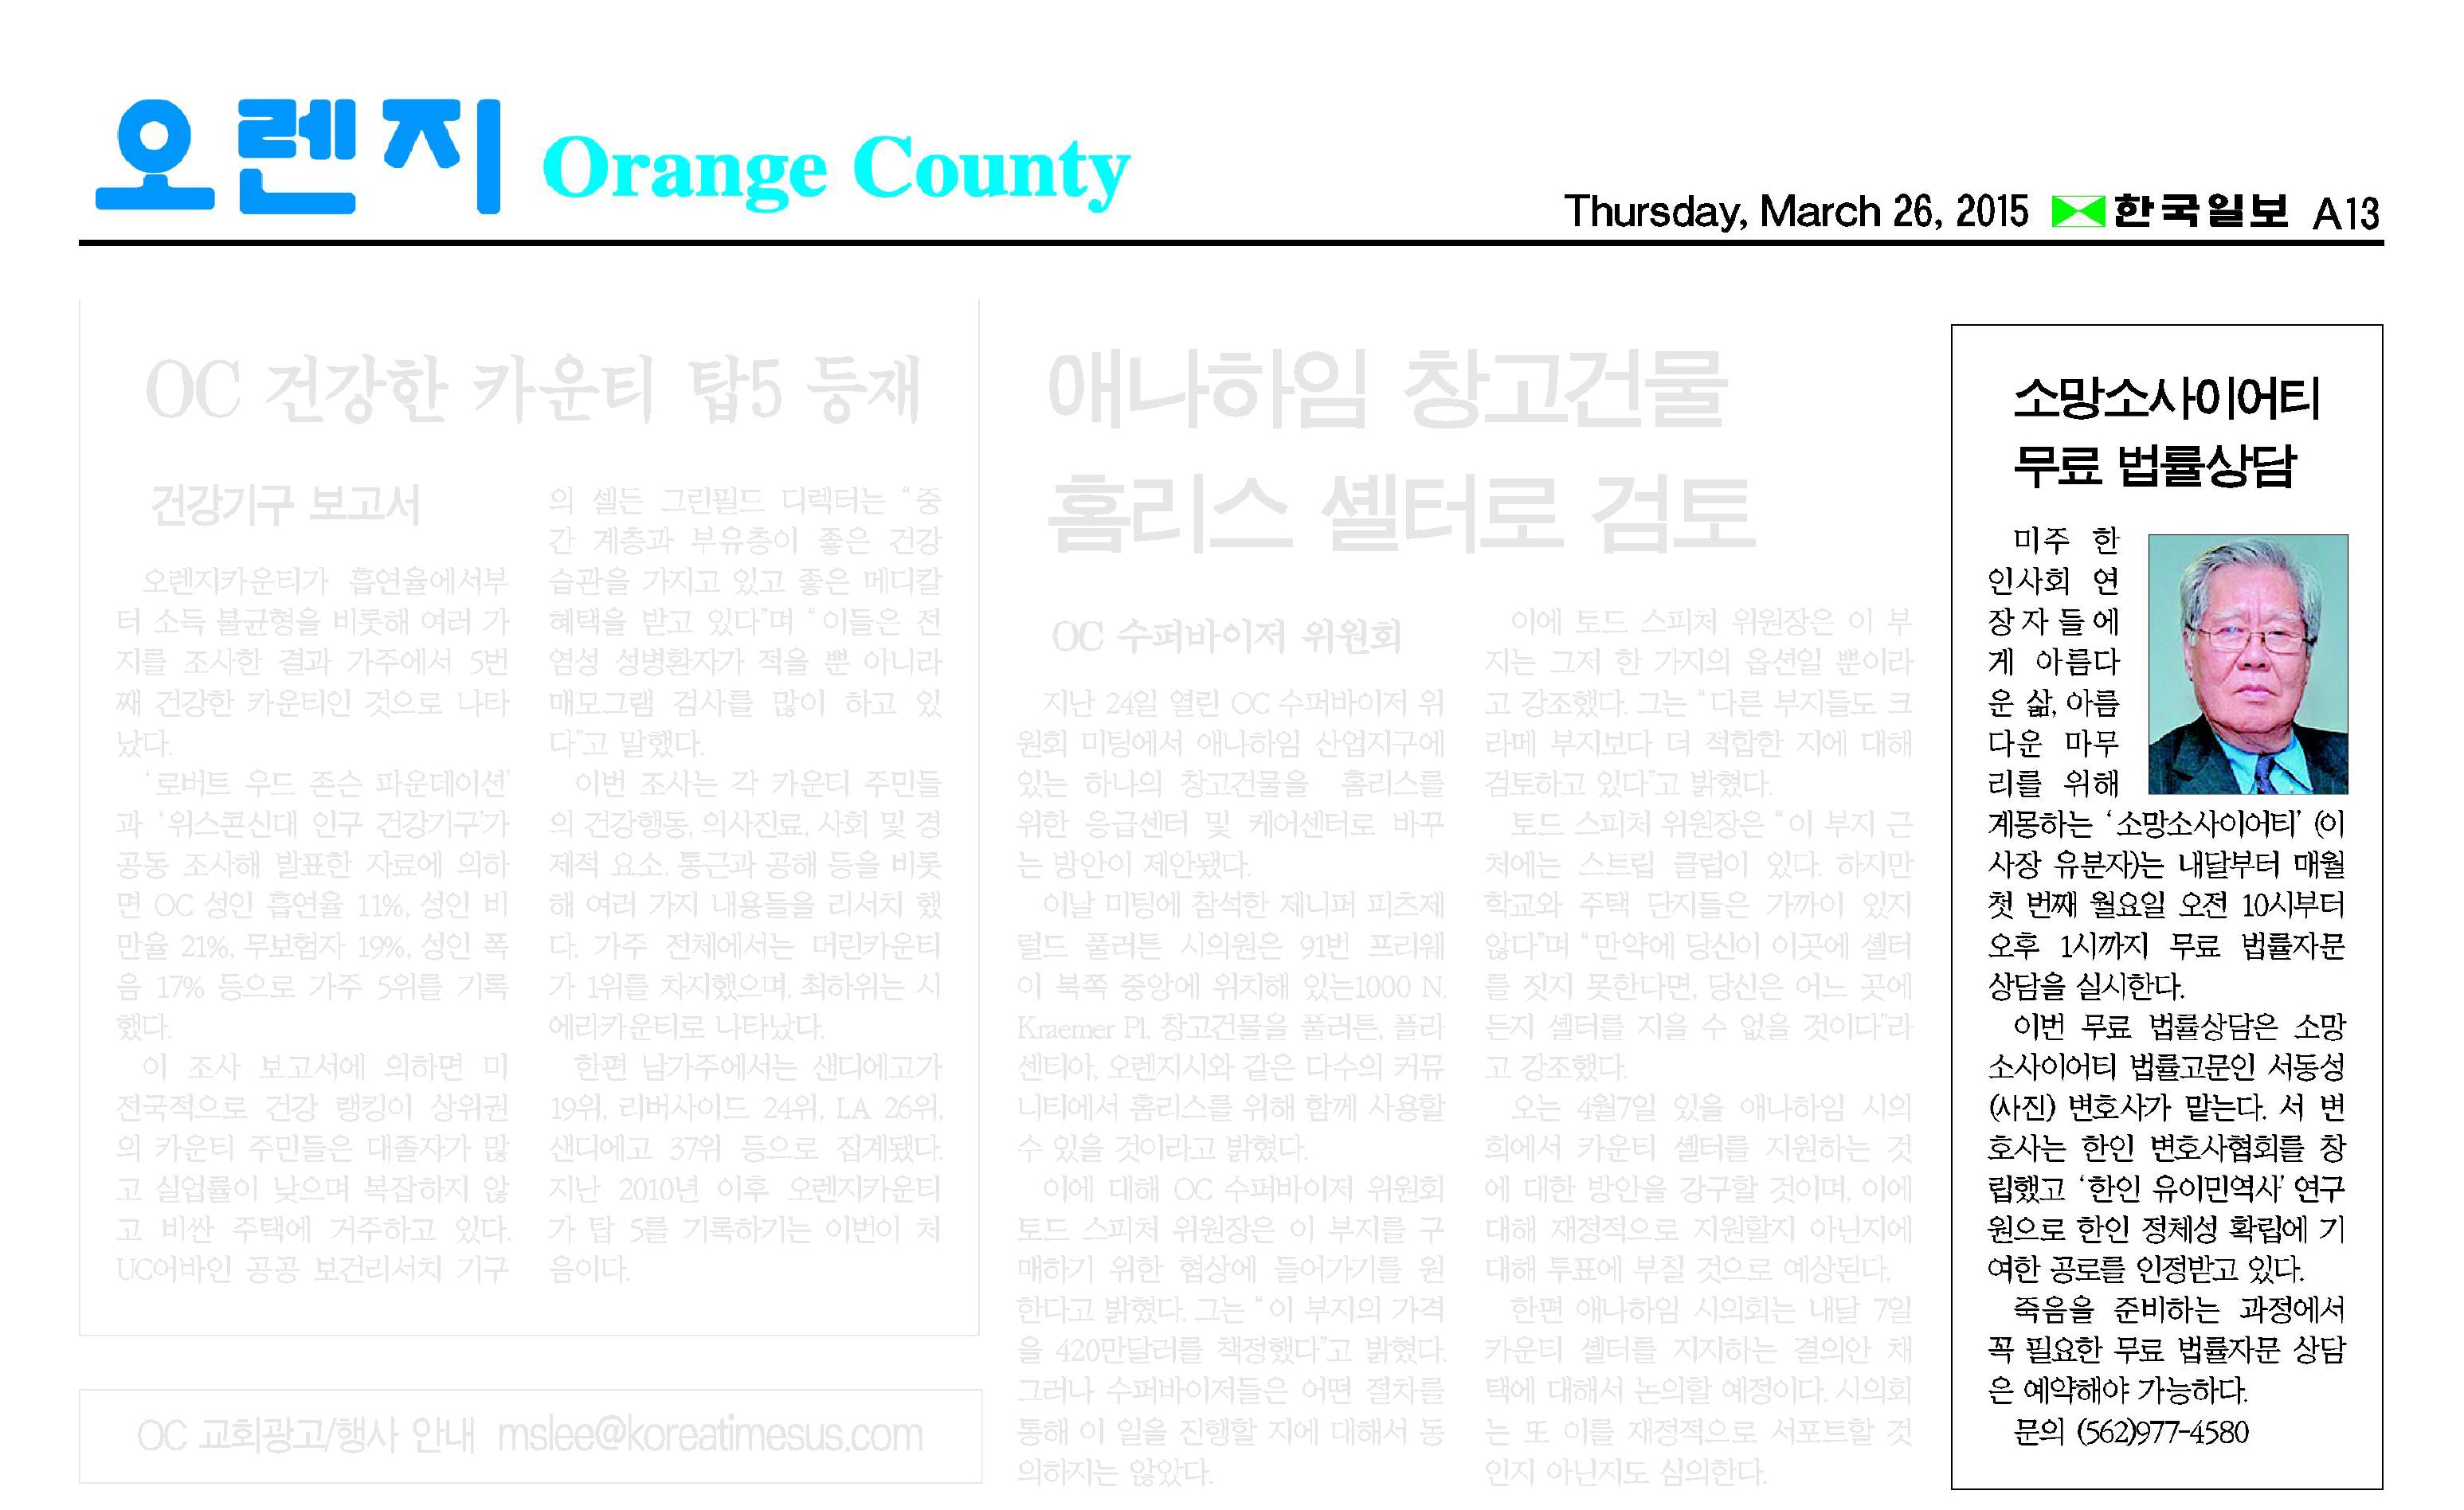 """""""소망소사이어티 무료 법률상담"""" 2015년 3월 26일 한국일보"""